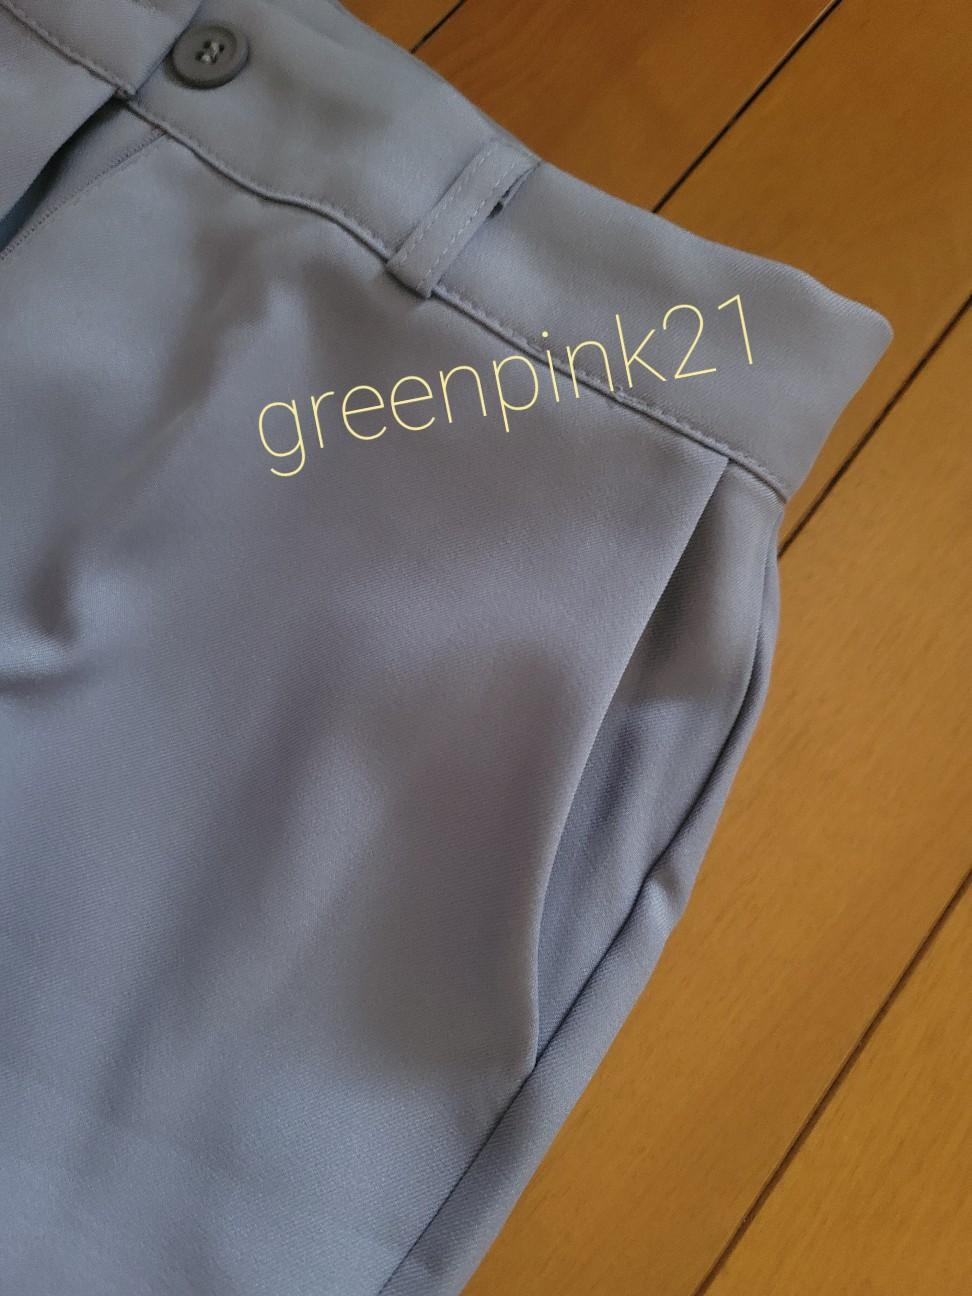 f:id:greenpink21:20210814183238j:image